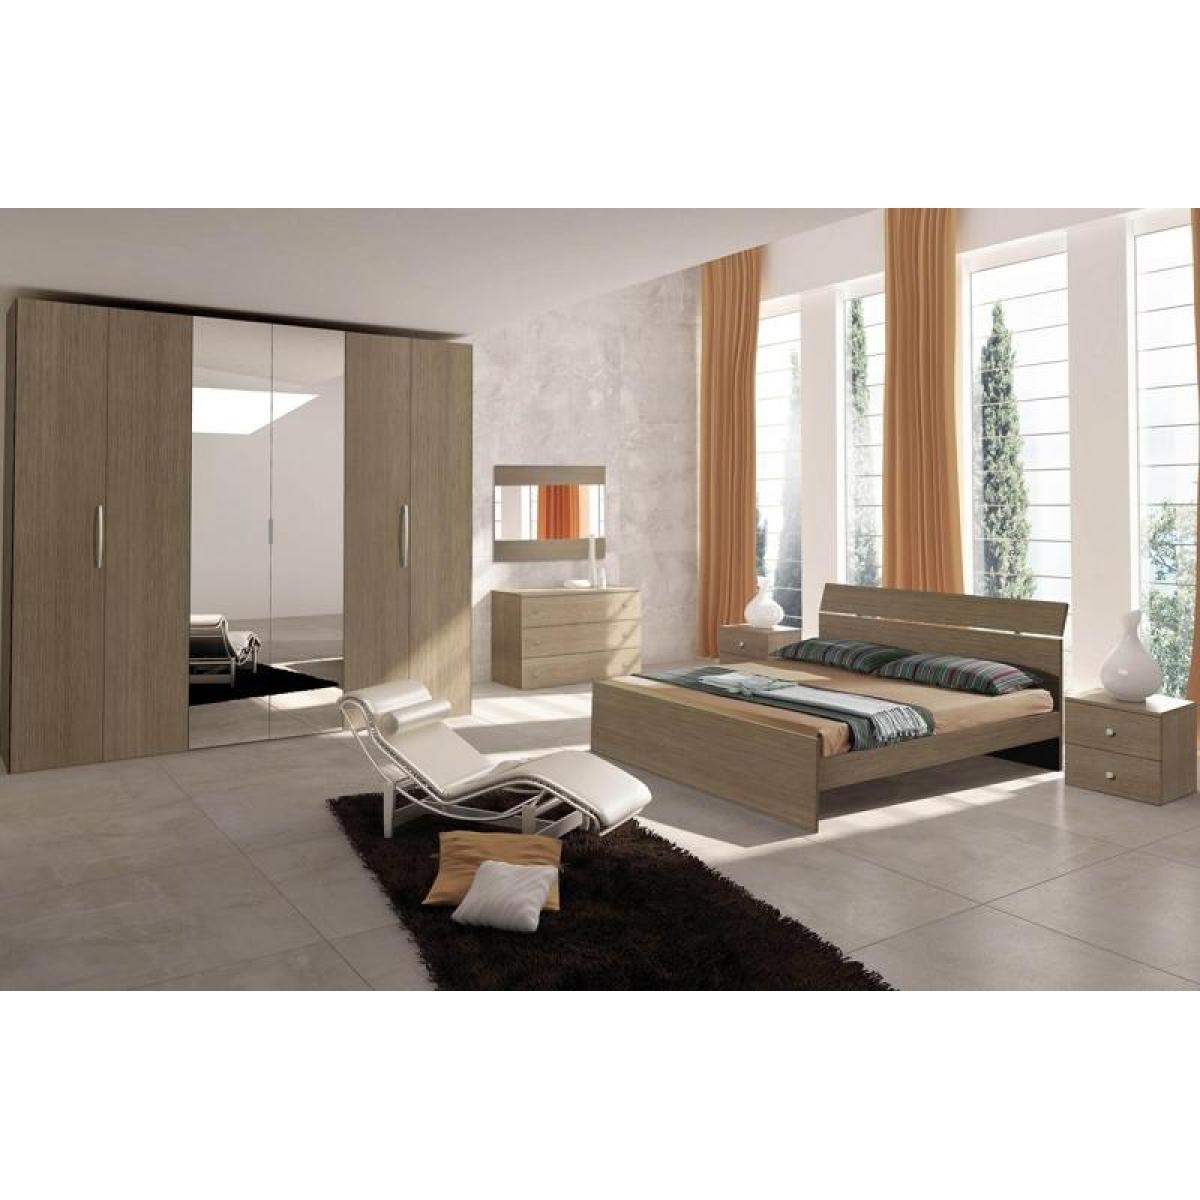 388 camera da letto completa moderna grigia con specchi - Lumi camera da letto moderna ...